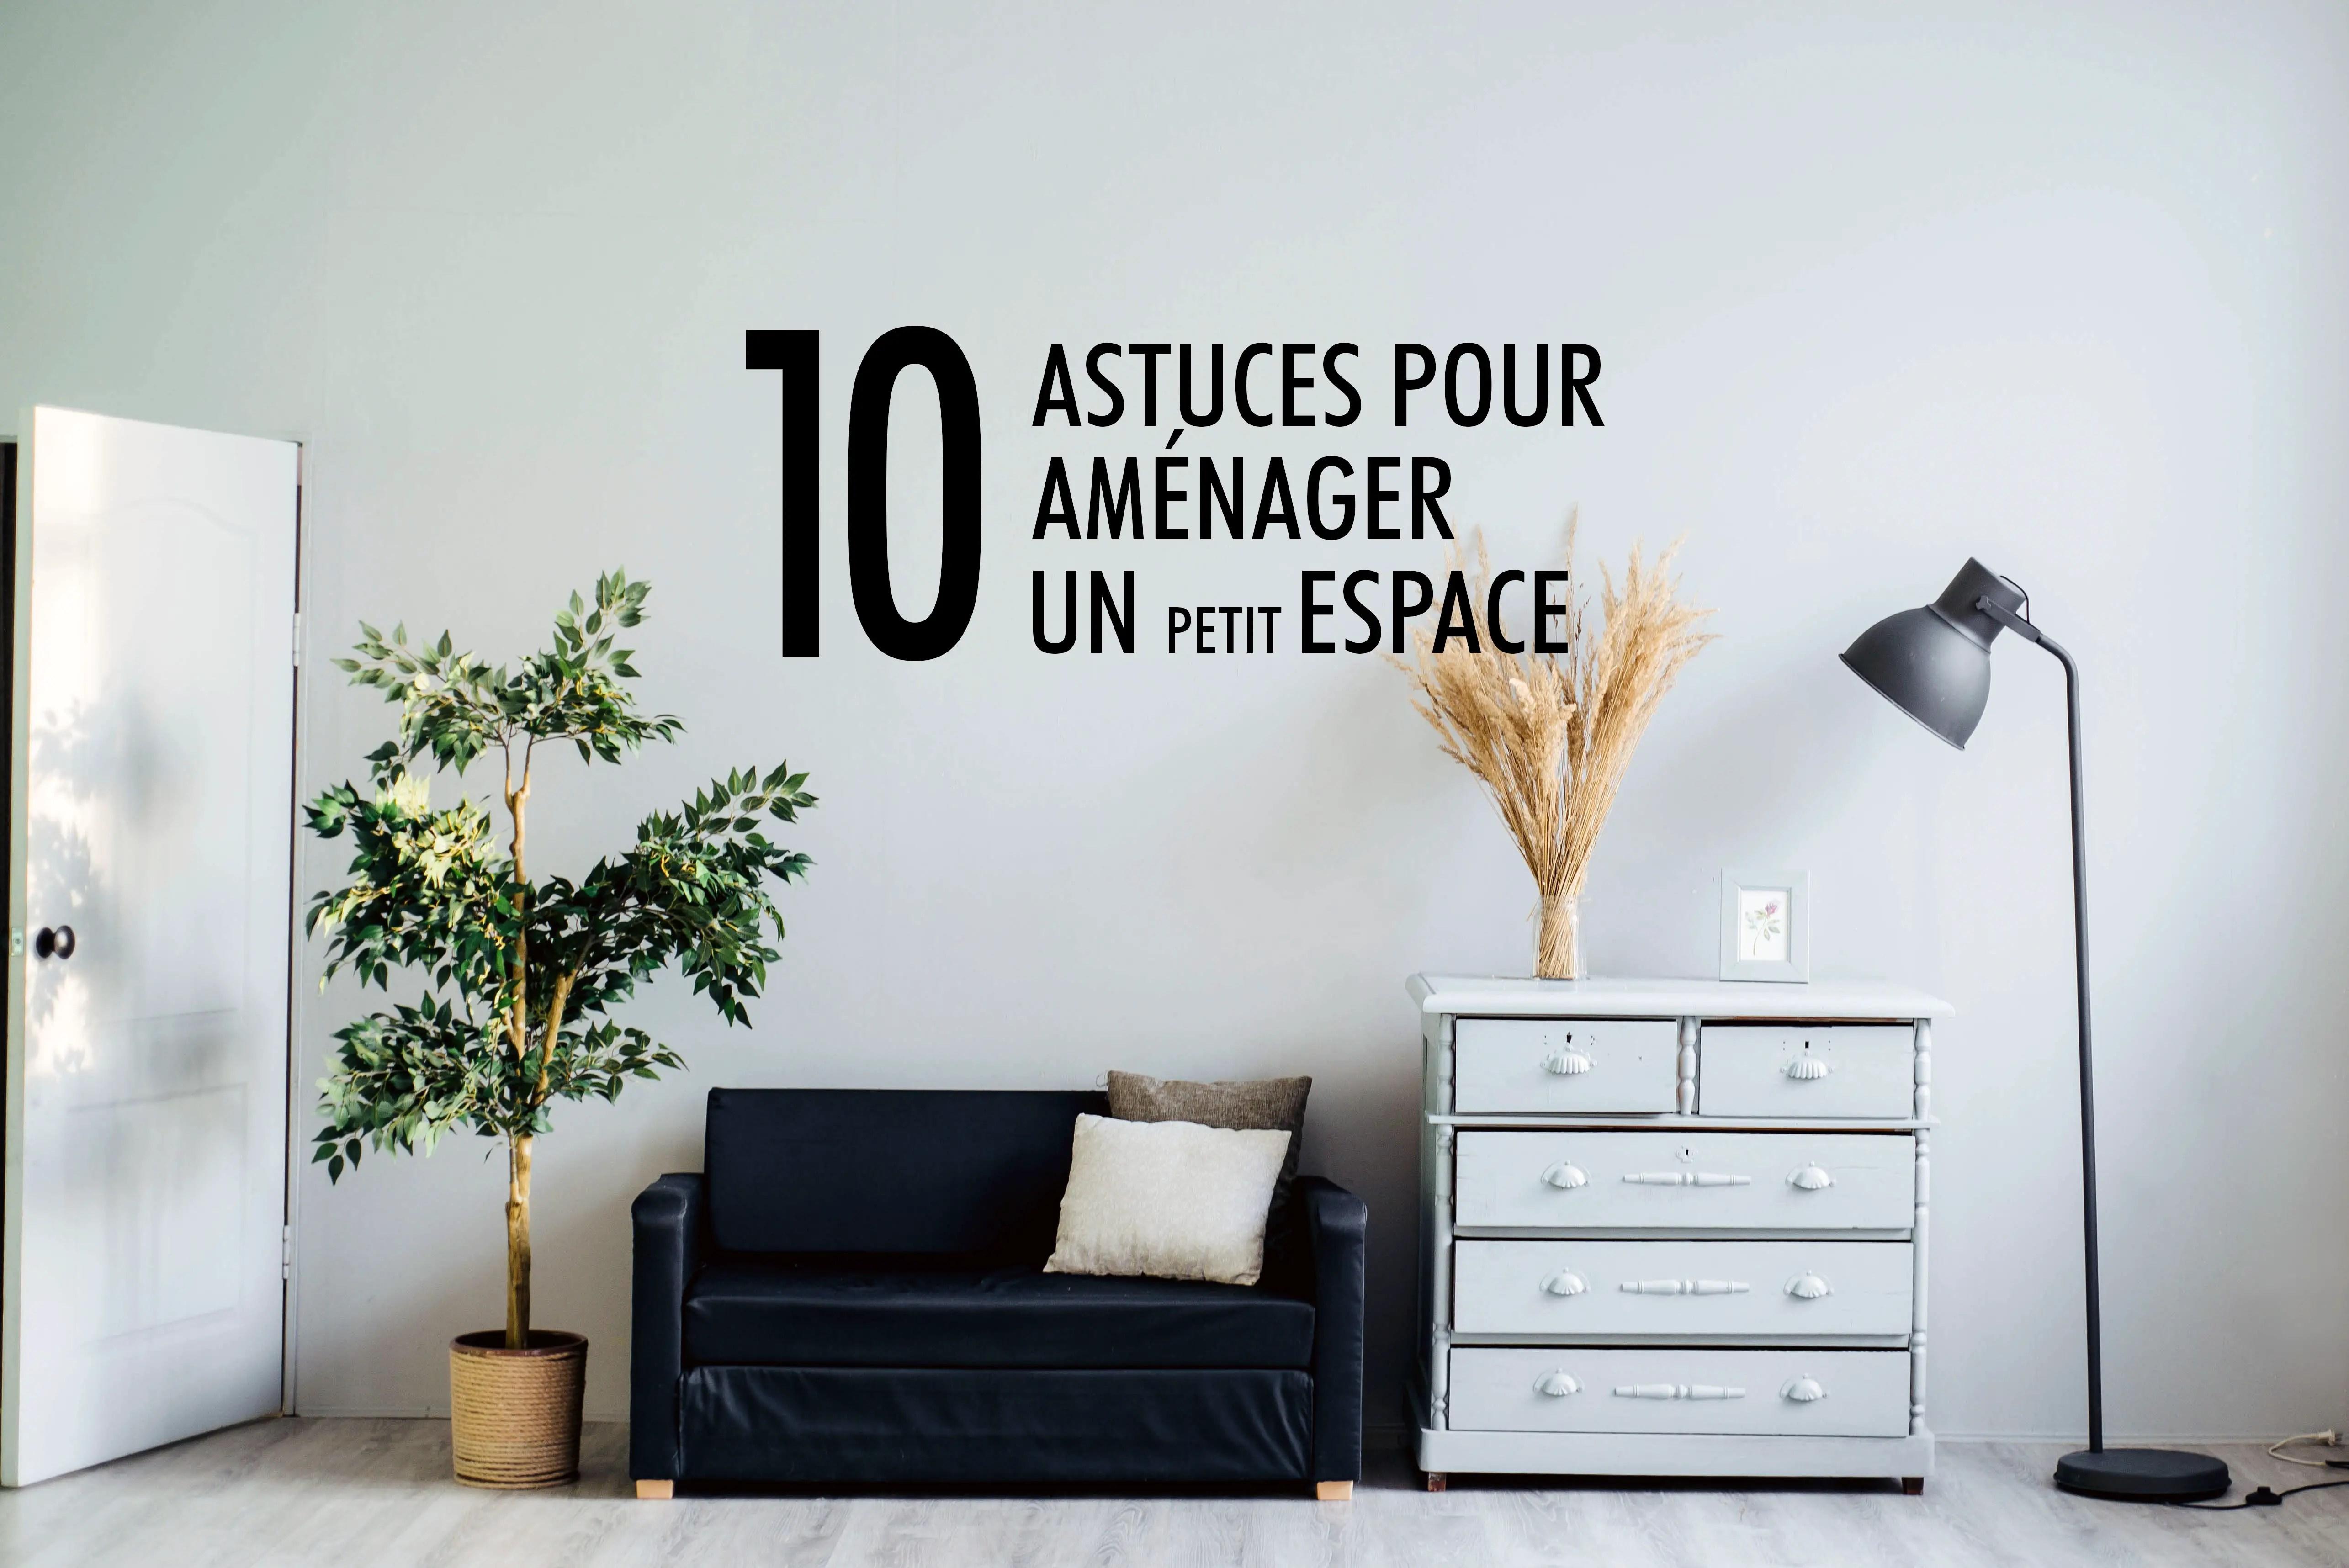 Aménagement Mezzanine Petit Espace aménagement petit espace : les 10 astuces ! - lilm